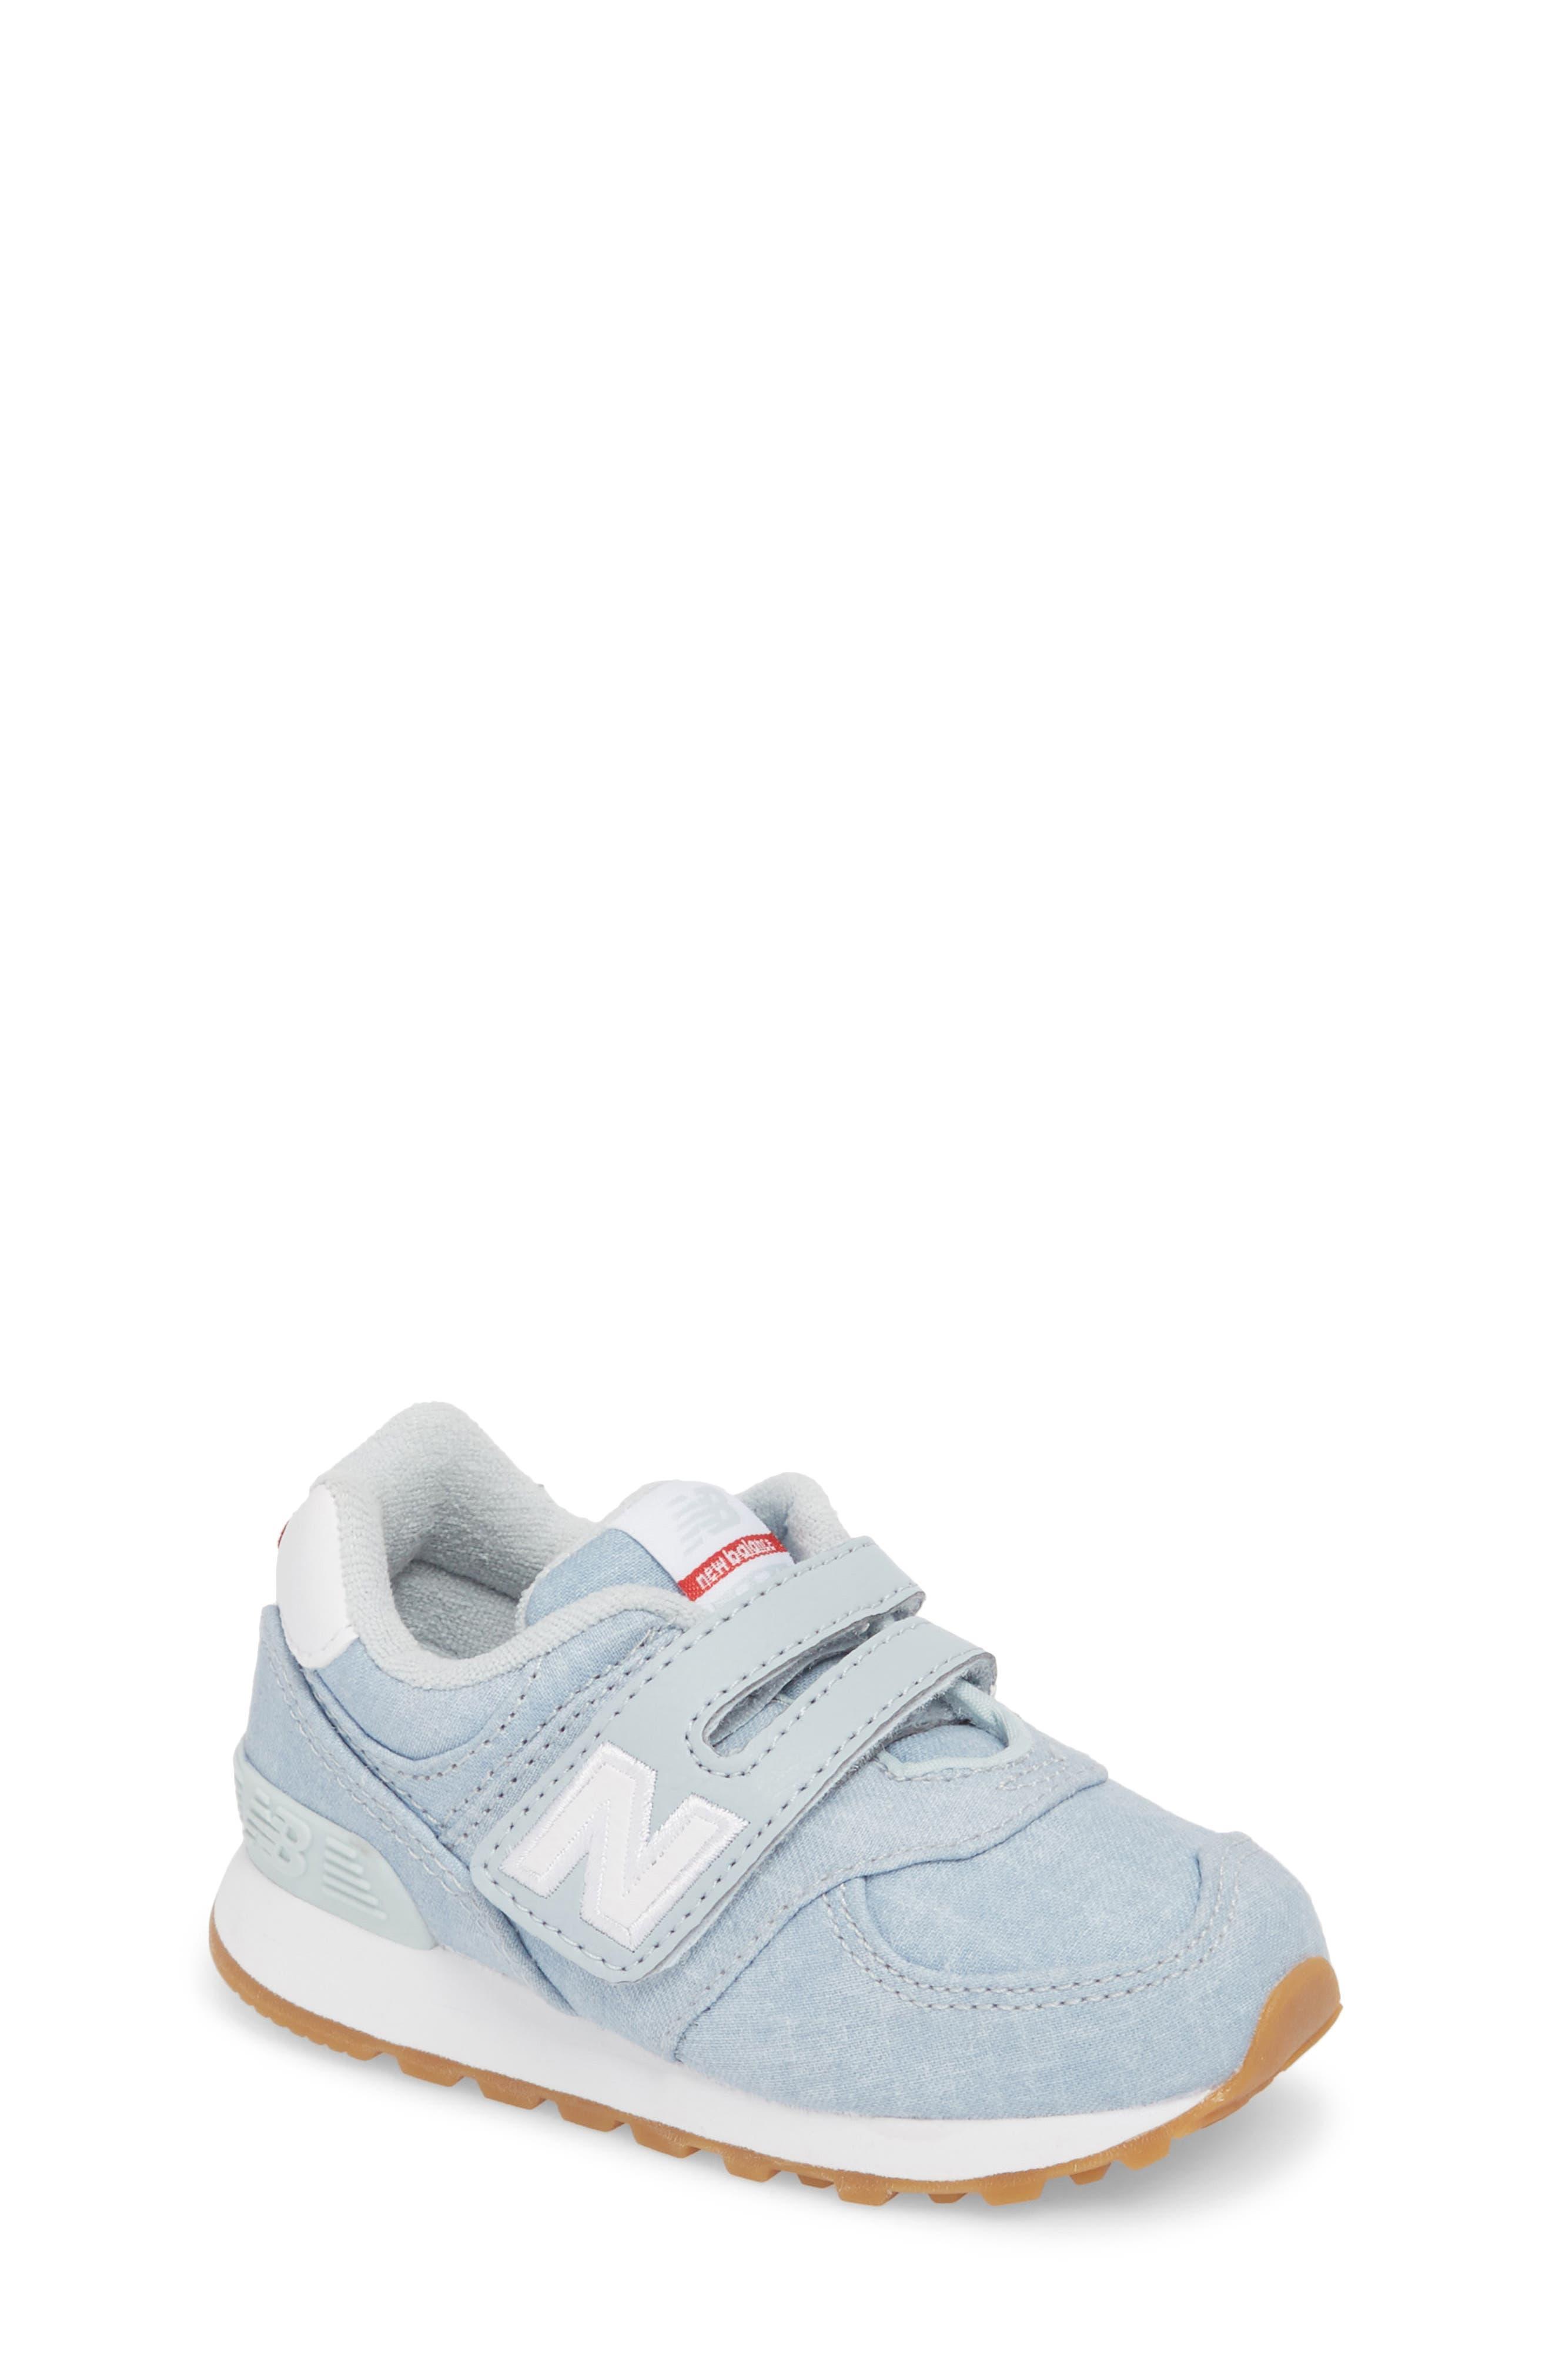 New Balance 574v1 Sneaker (Baby, Walker, Toddler & Little Kid)